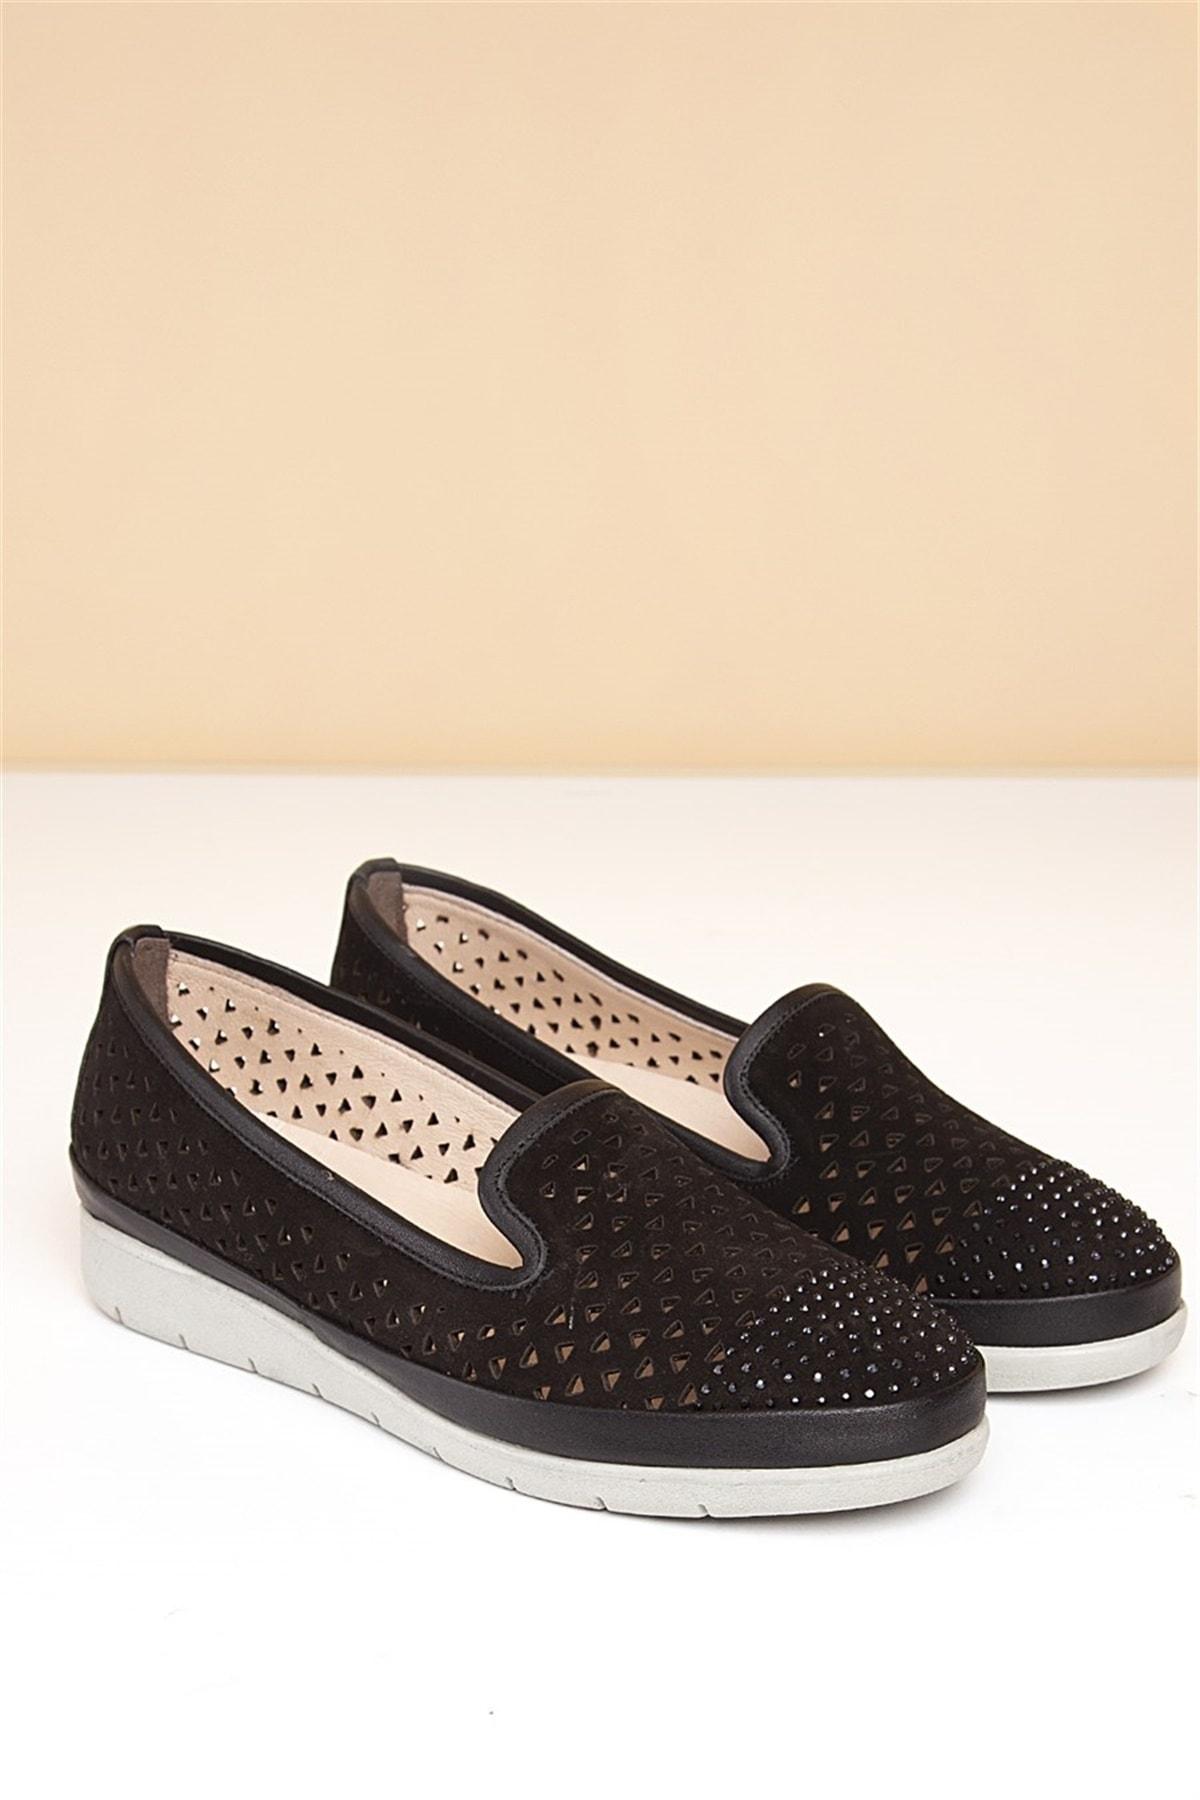 Pierre Cardin 01-Siyah Kadın Klasik Ayakkabı